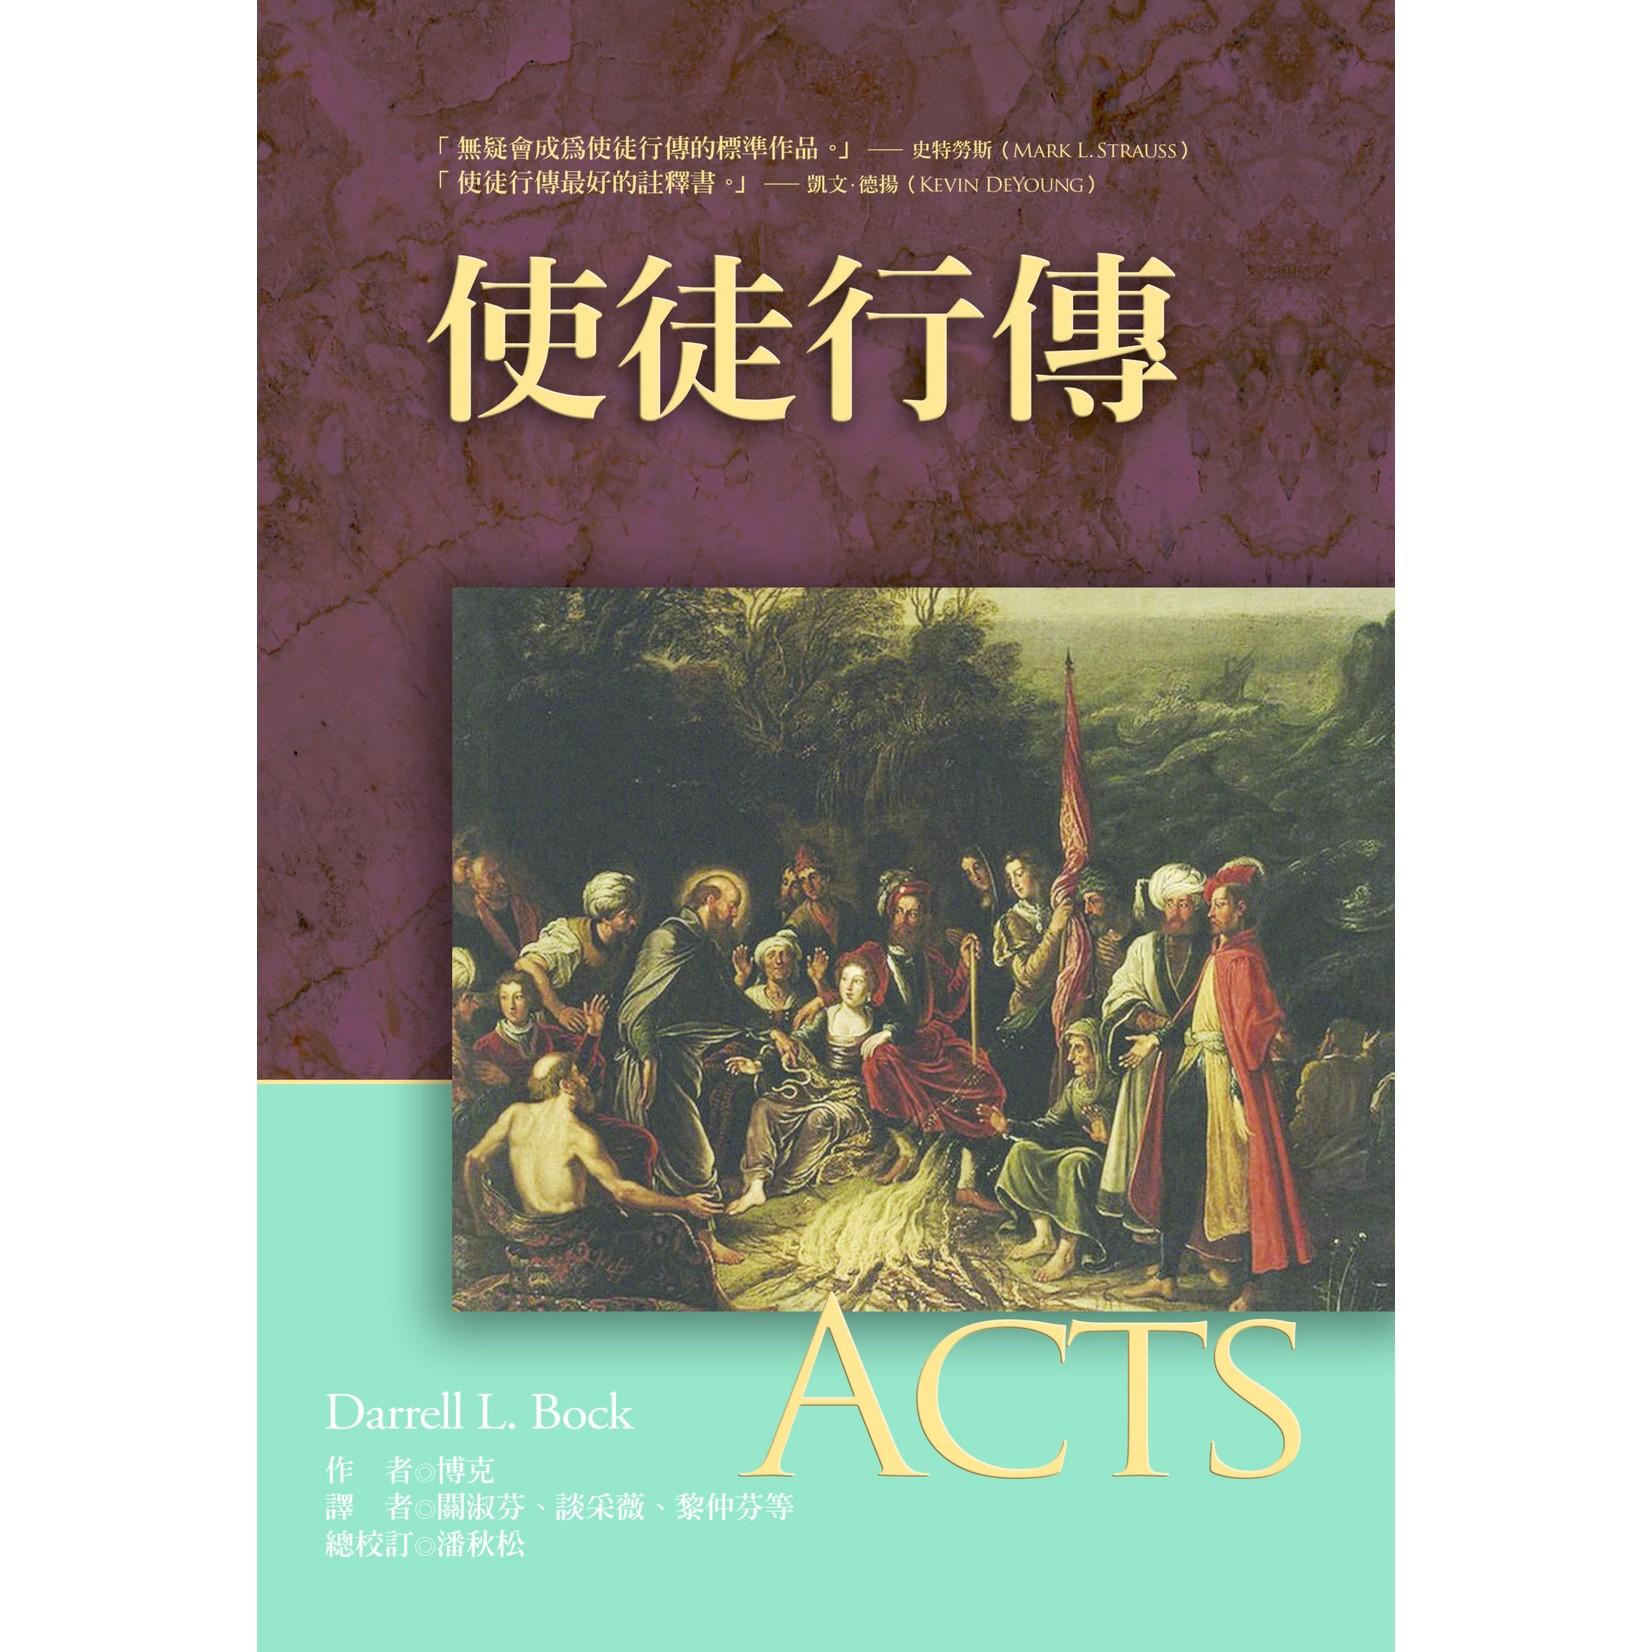 美國麥種傳道會 AKOWCM 麥種聖經註釋:使徒行傳 Acts